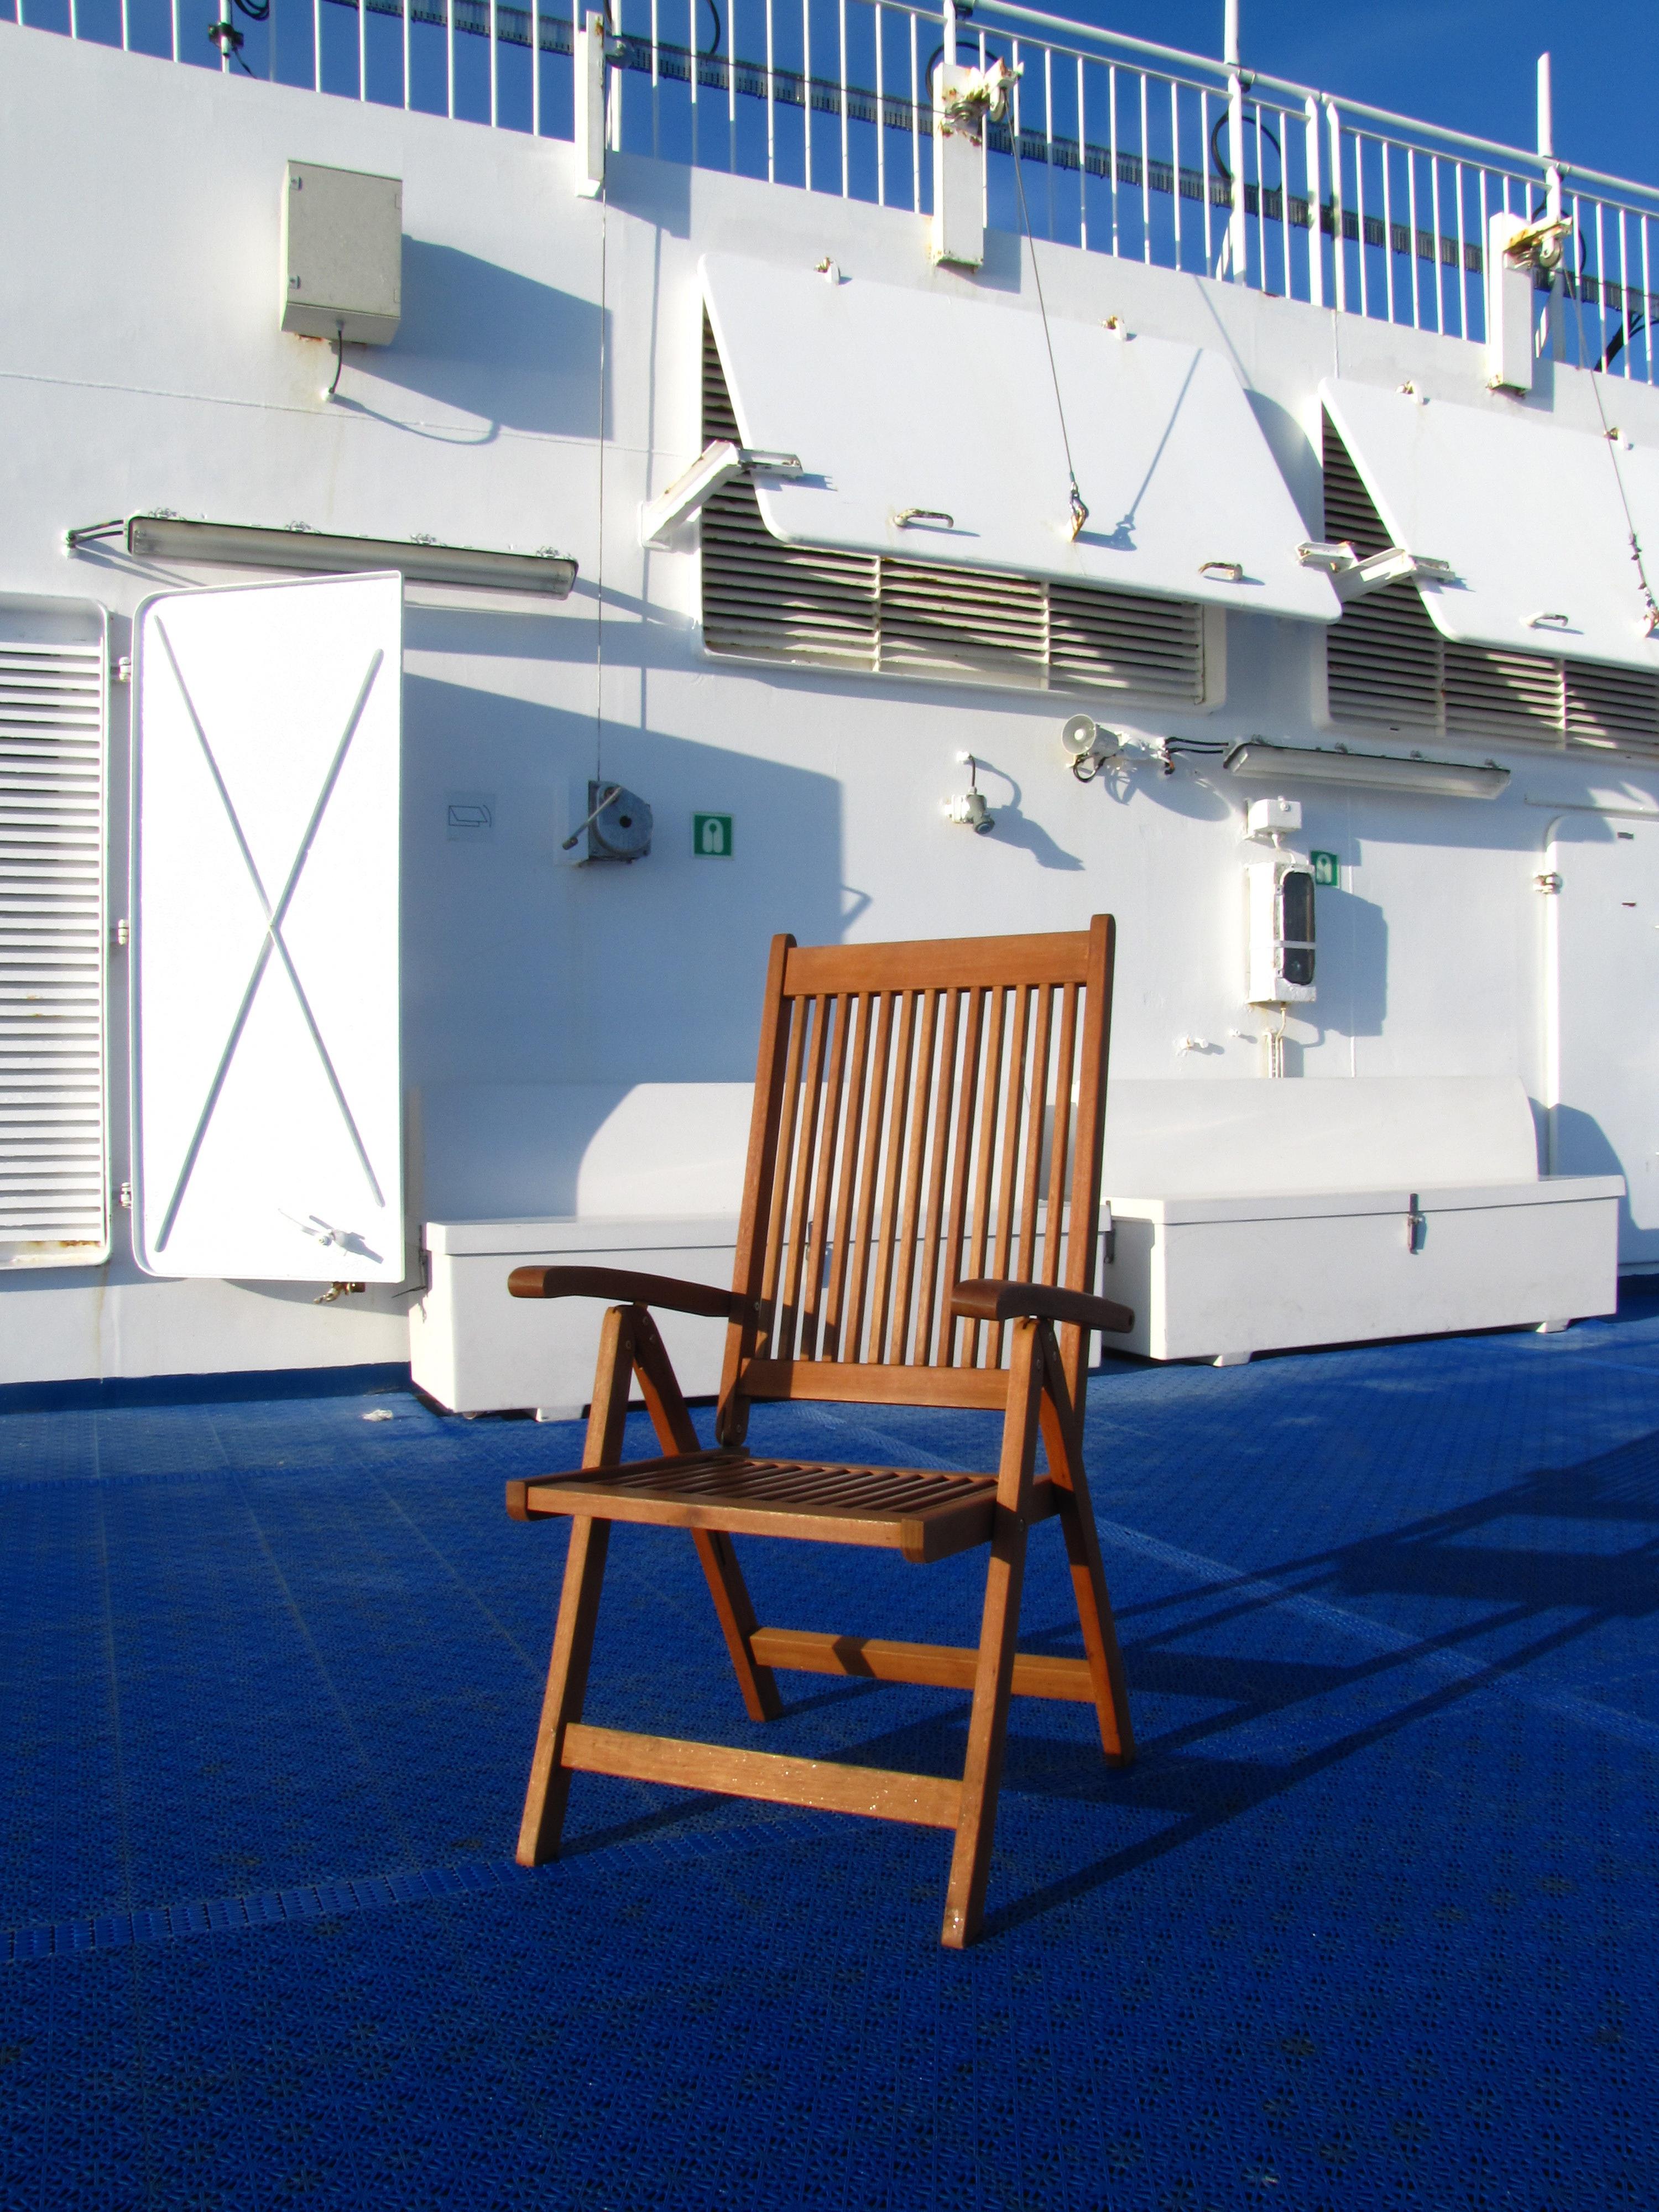 Fotos gratis : madera, silla, vehículo, mástil, yate, Islandia ...